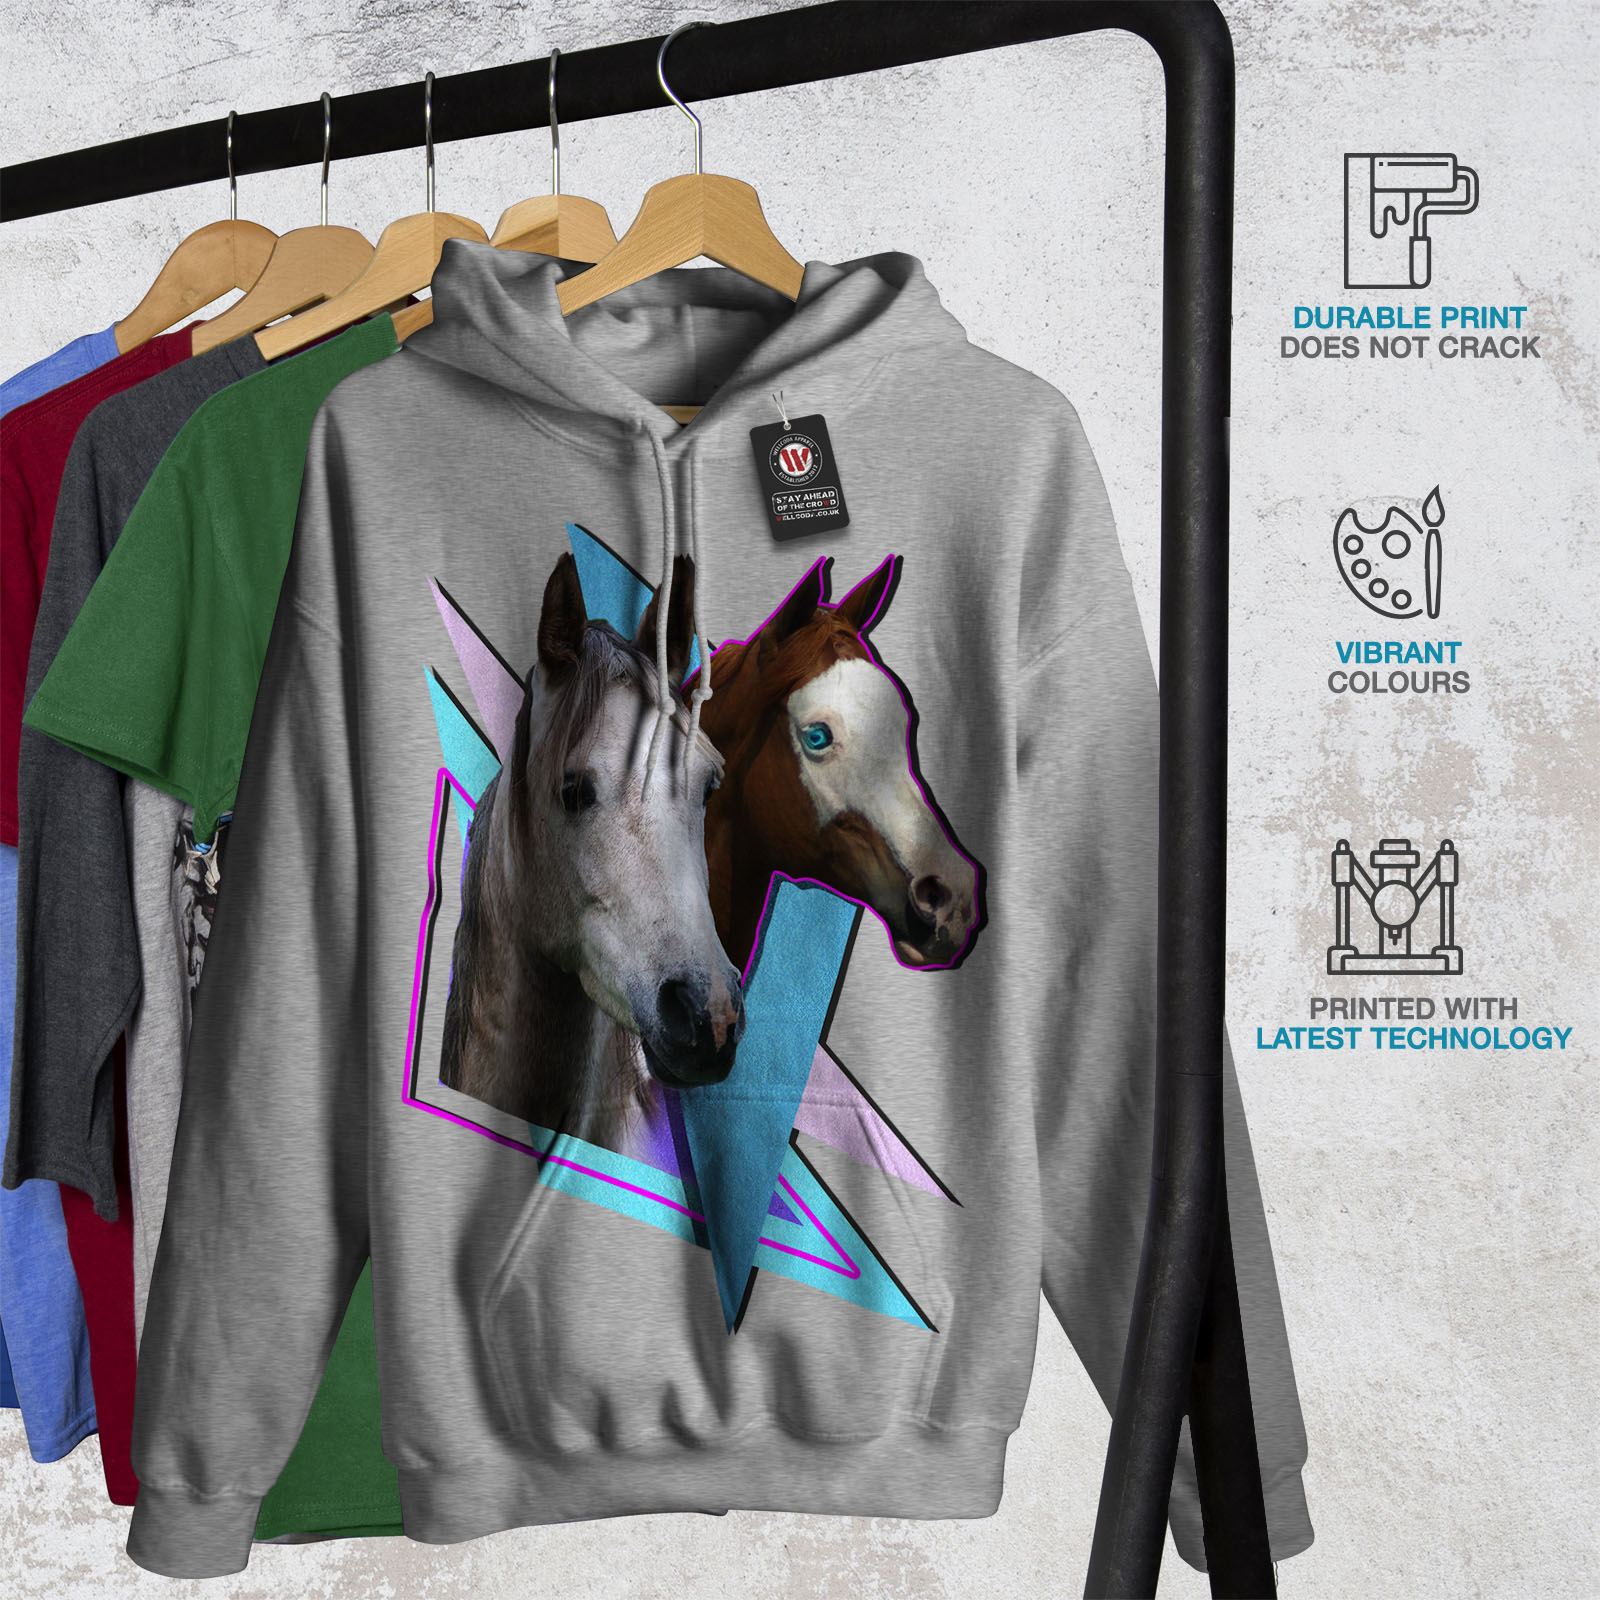 Wellcoda Cavallo Cool Stampa Animale Da Donna Felpa con cappuccio Zoo Casual Con Cappuccio Felpa